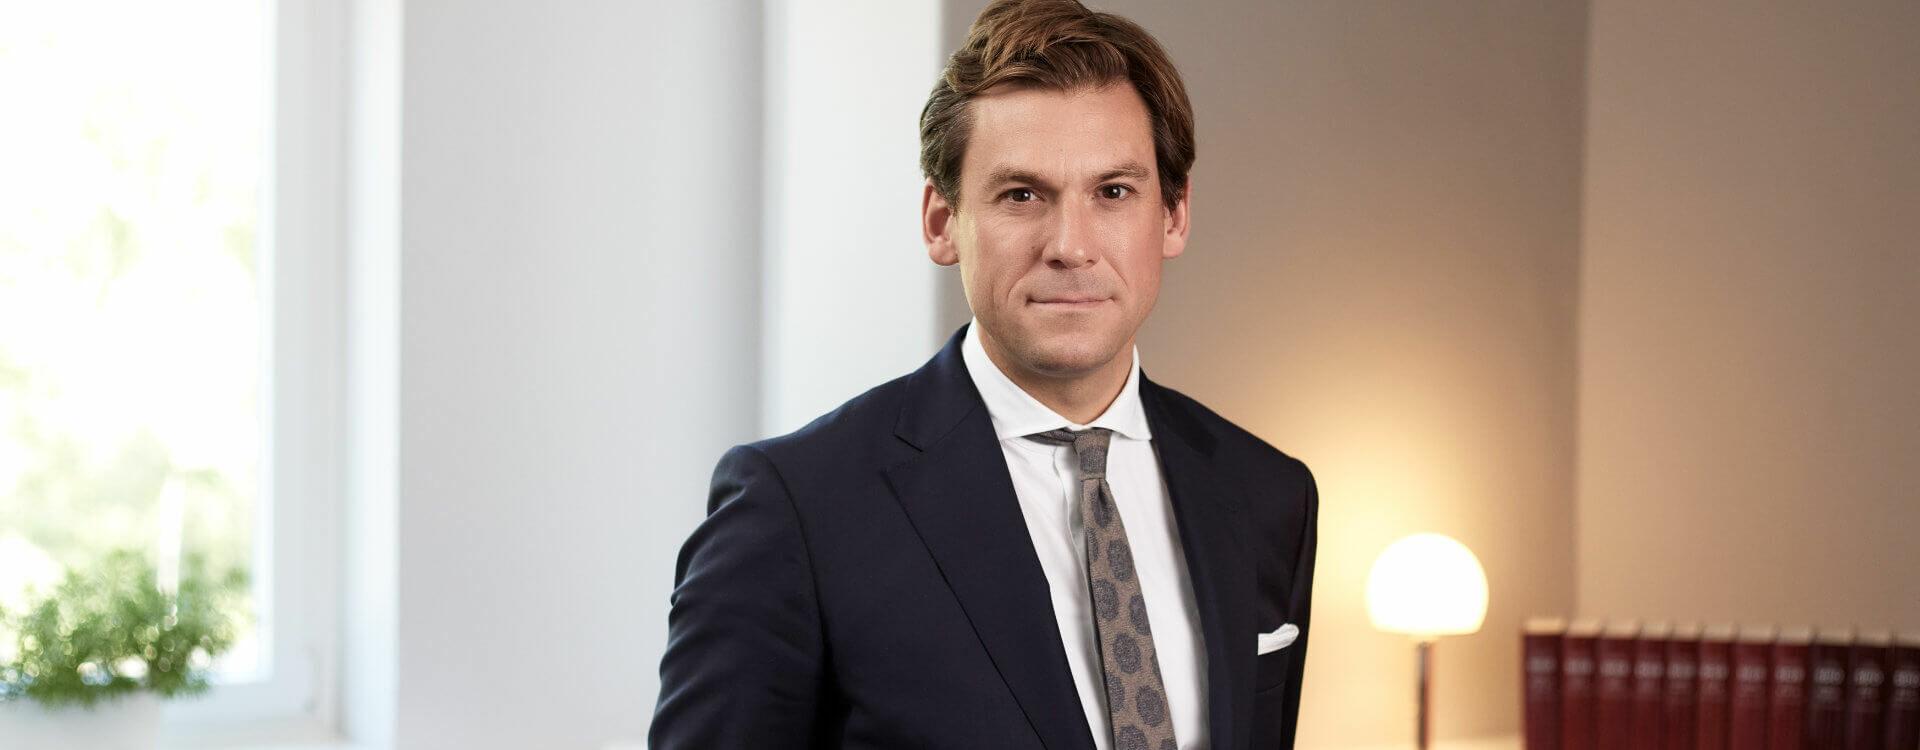 Rechtsanwalt Dr. Benedikt Mick, Rechtsanwalt und Fachanwalt für Strafrecht bei LAUDON SCHNEIDER Strafverteidiger